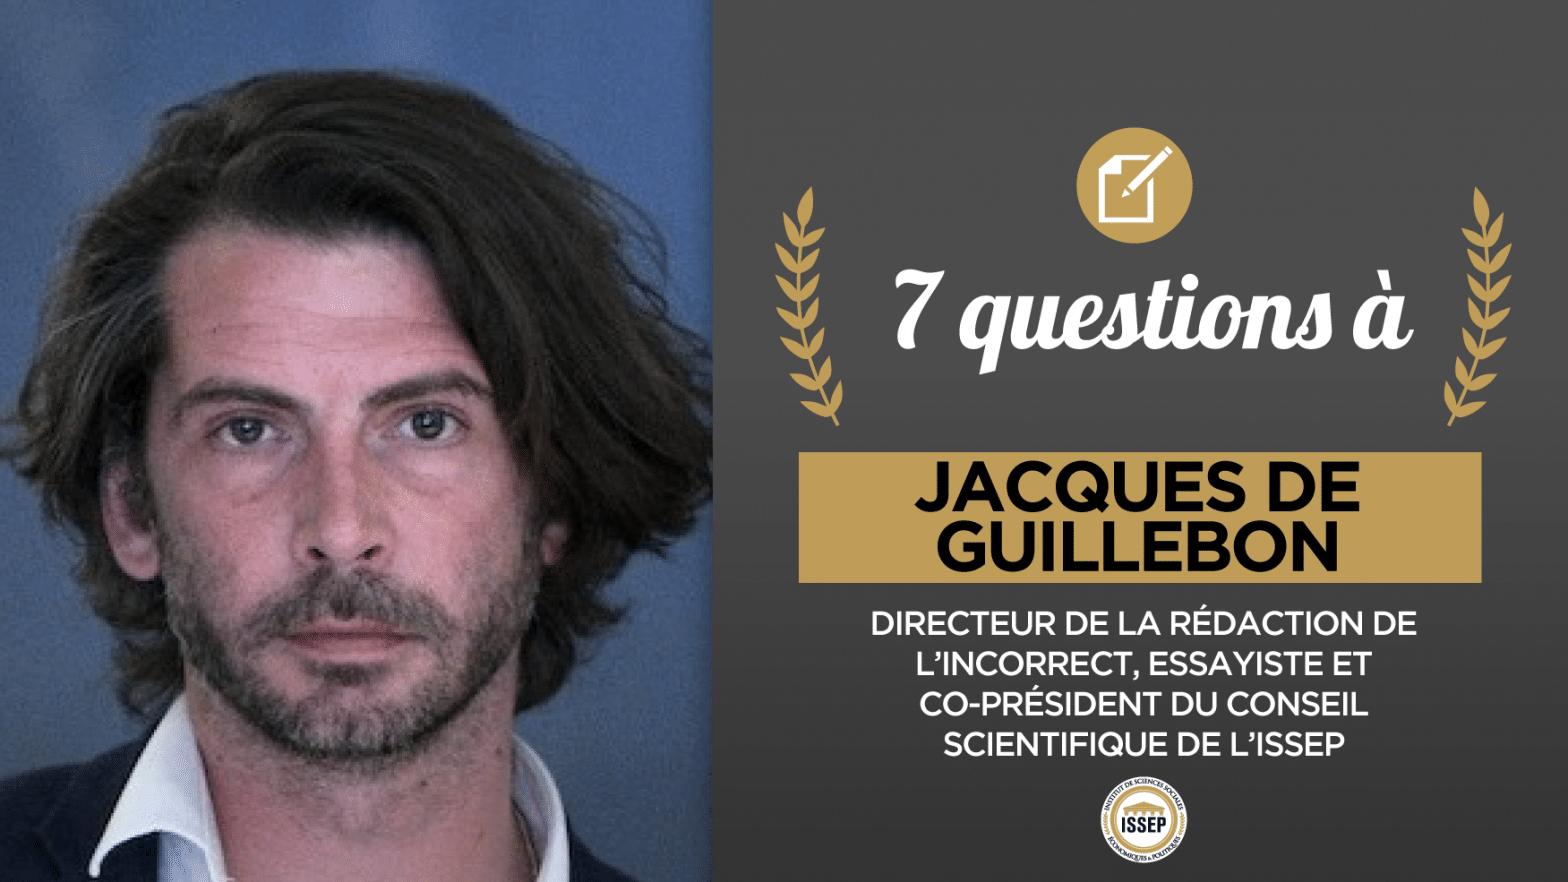 7 questions à Jacques de Guillebon